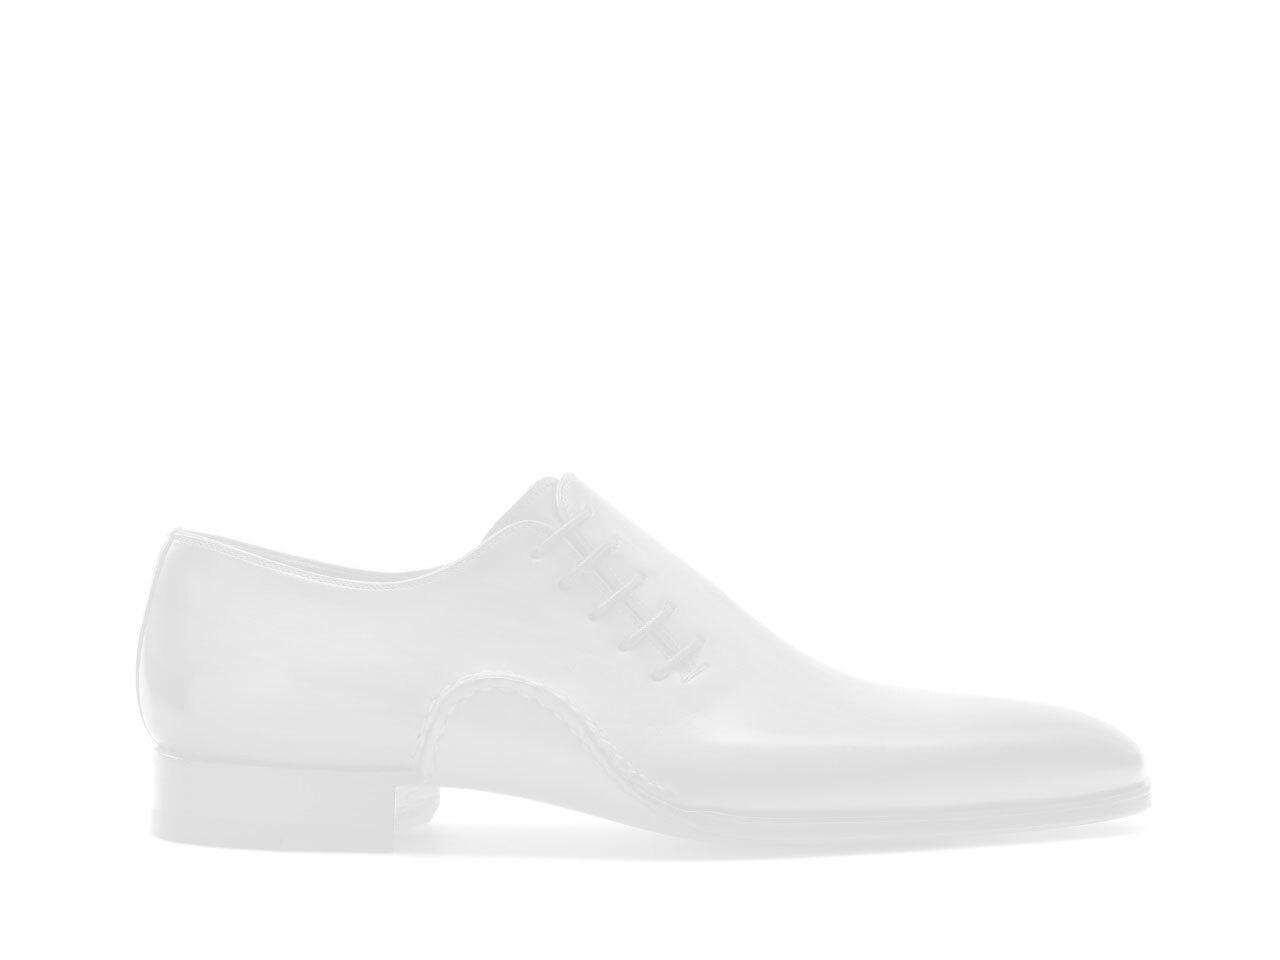 Sole of the Magnanni Zalamea Cuero Men's Oxford Shoes